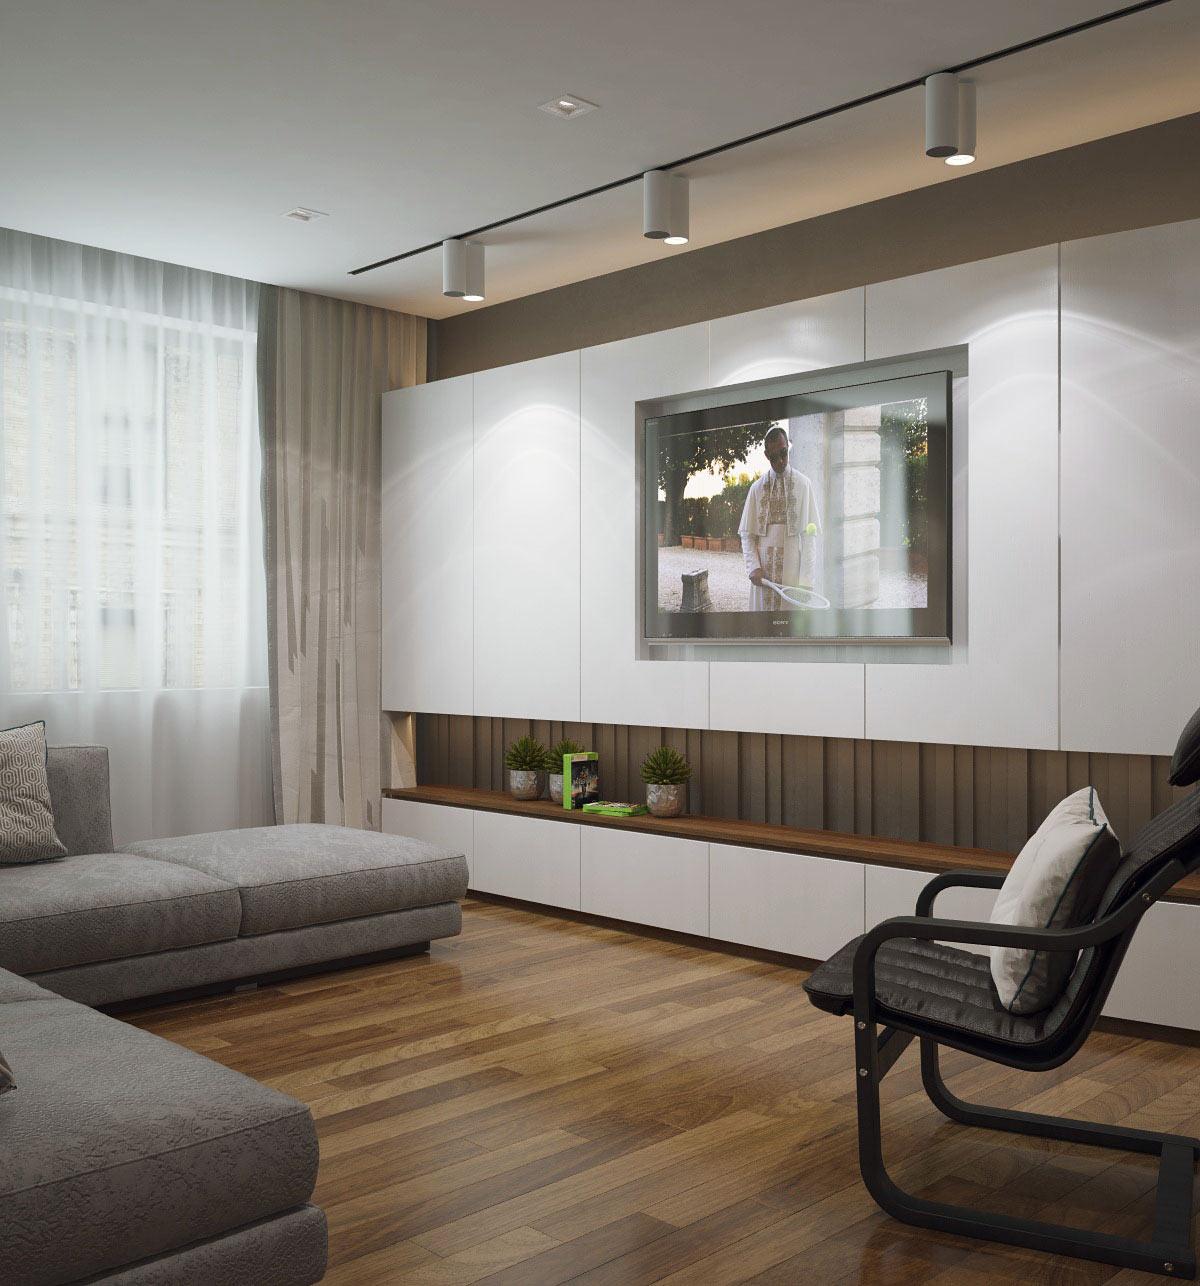 """3D панель """"Polski"""" - новинка на рынке 3D оформления стен. Не стандартный подход к оформлению интерьера. Данная модель отлично сочетается с различными стилями интерьера и преобразит внутреннее оформление Вашего жилища."""